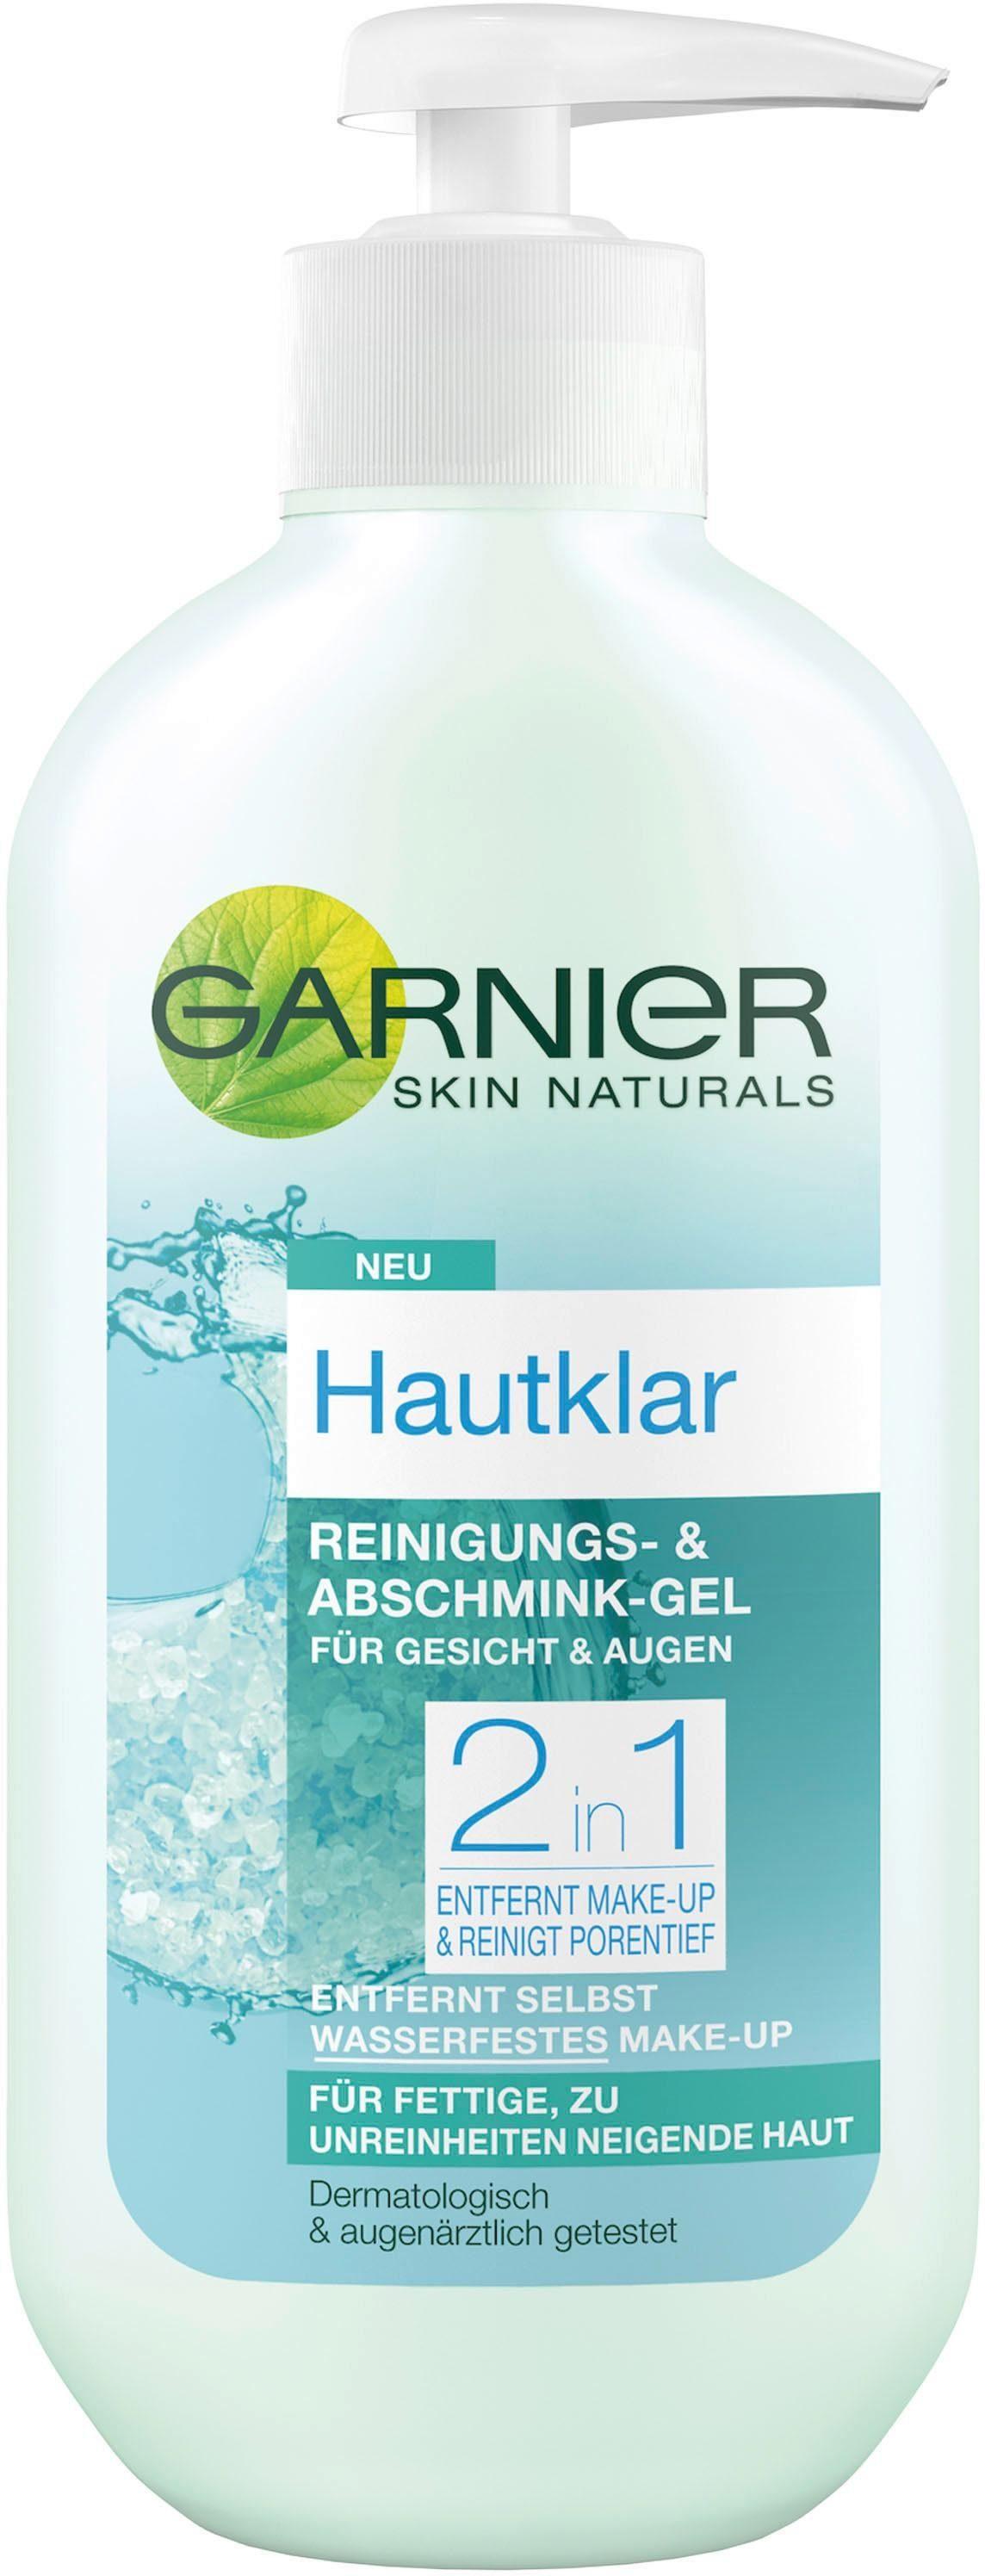 Garnier, »Hautklar 2n1 Abschmink-Gel Gesicht & Augen«, Gesichtsreinigung